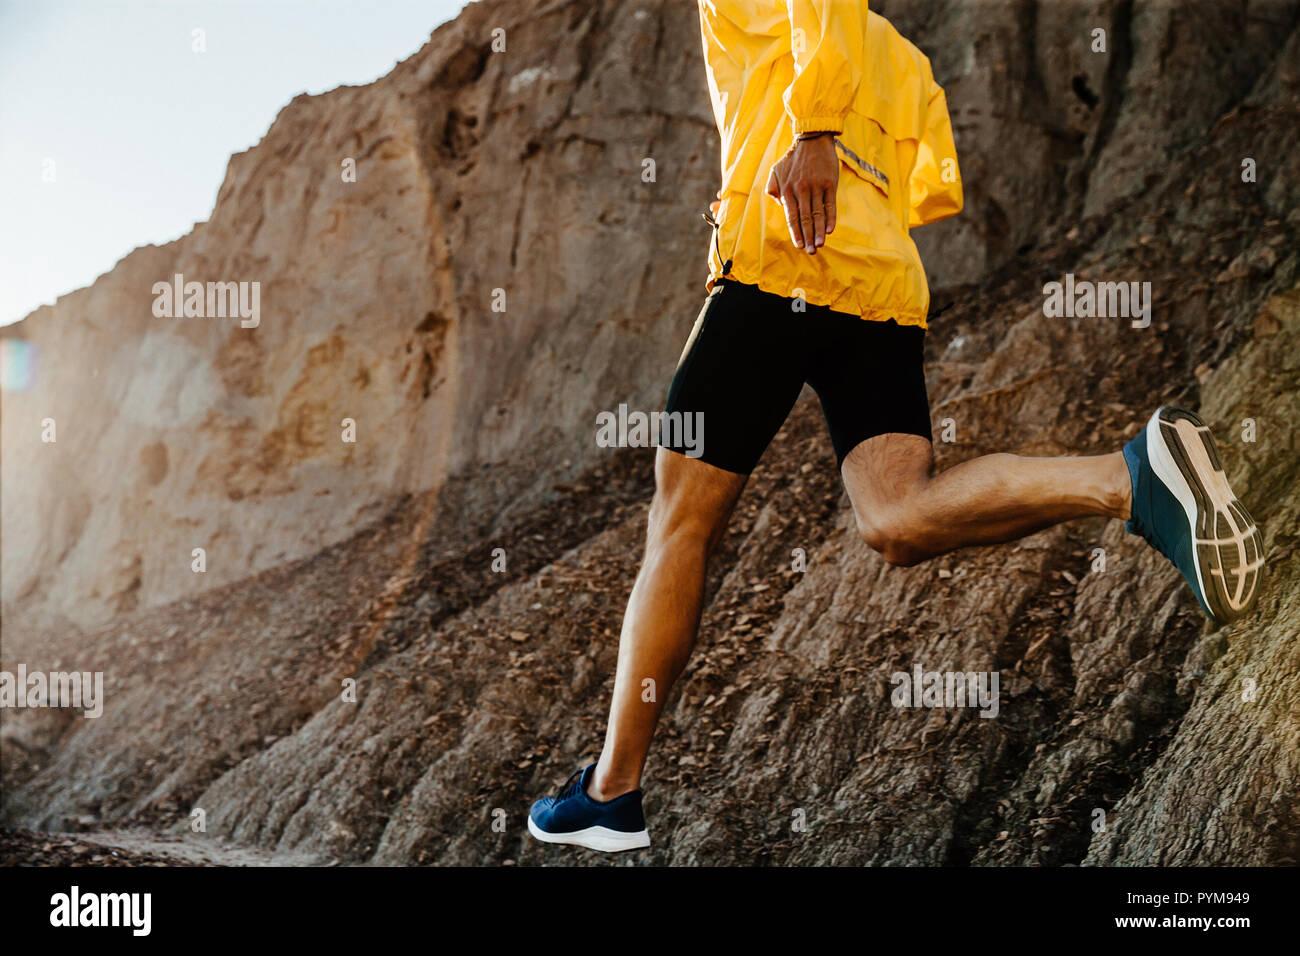 Sports style de vie sain homme court sur piste de montagne en plein soleil Banque D'Images